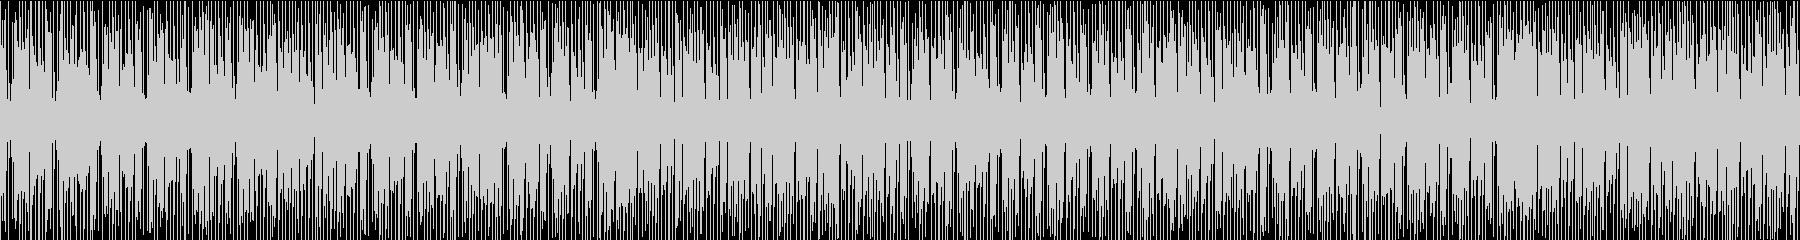 シンセメロディのお洒落なエレクトロポップの未再生の波形